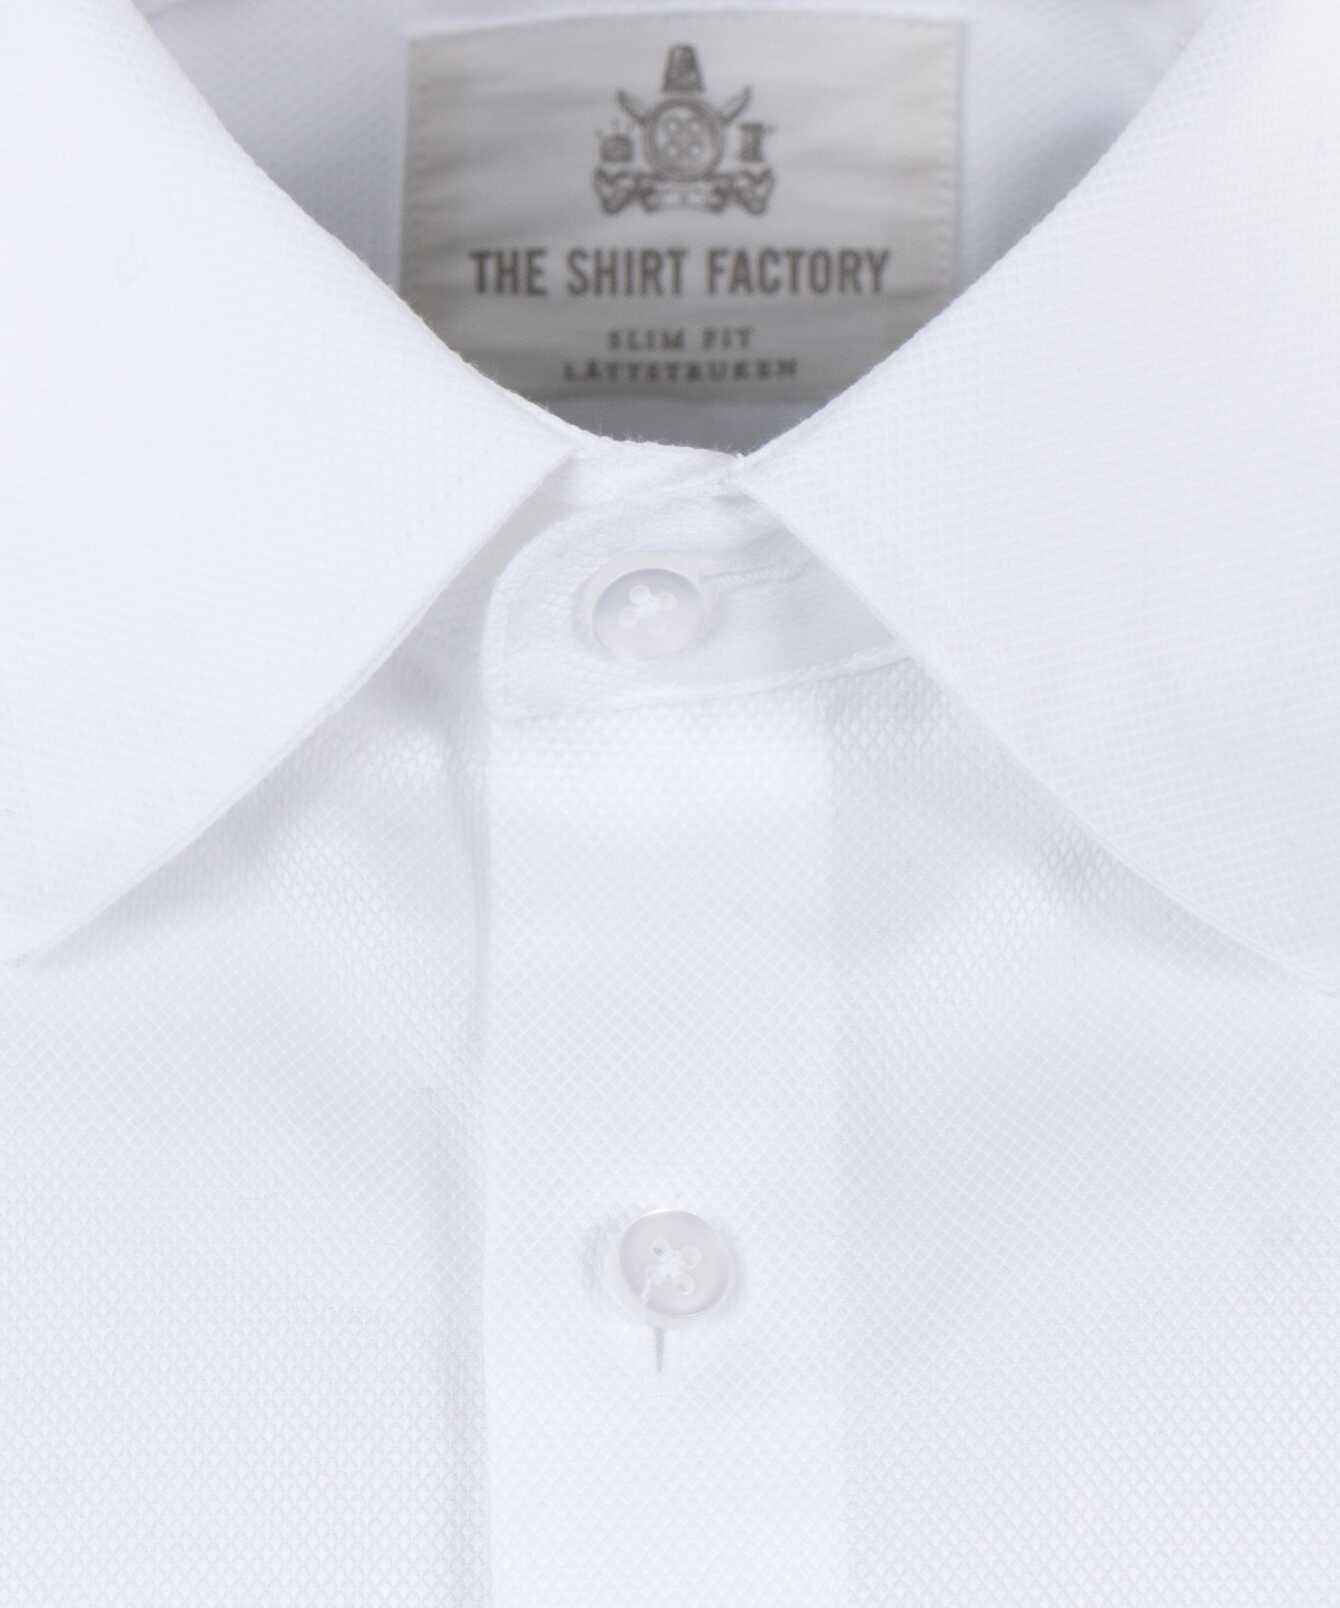 Shirt Midtown The Shirt Factory